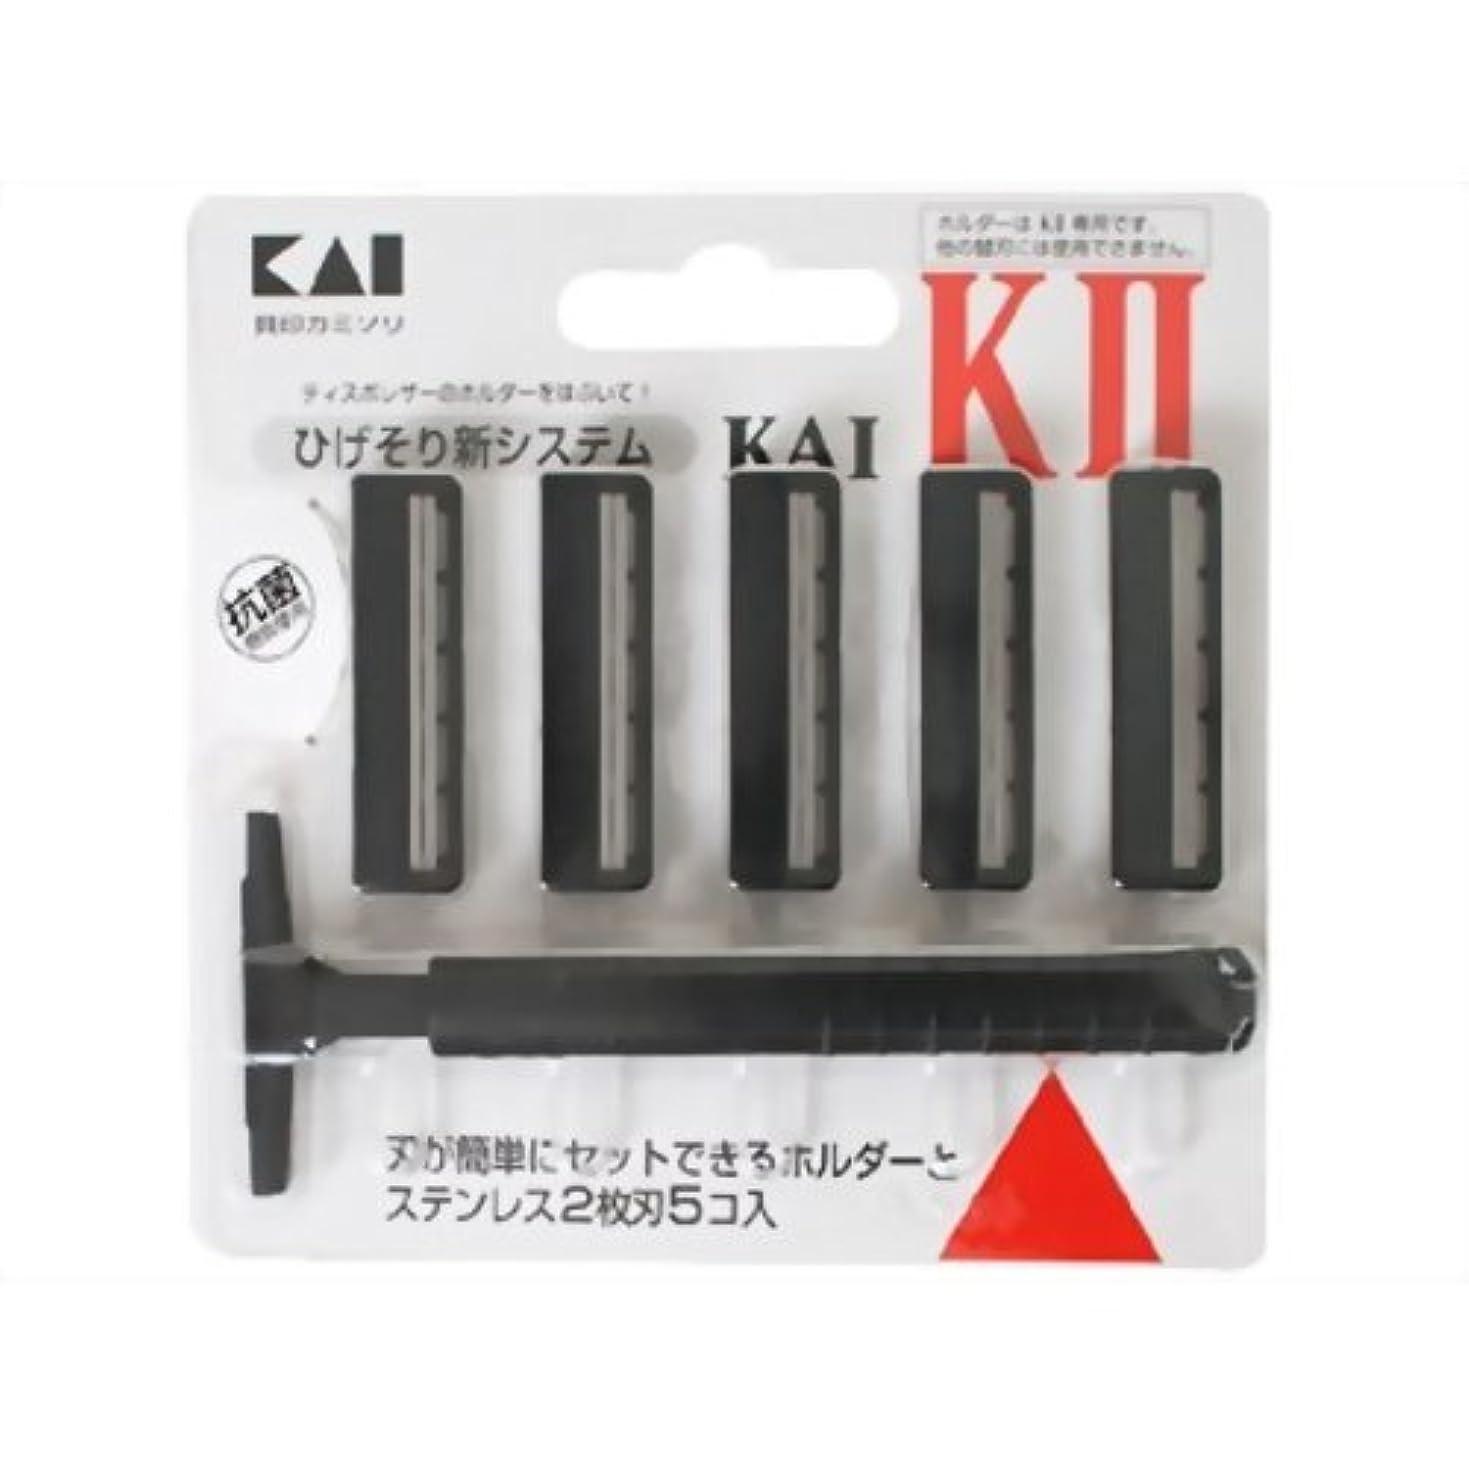 蒸気誠意インストールK-2 ひげそり用カミソリ ホルダー 替刃5コ付